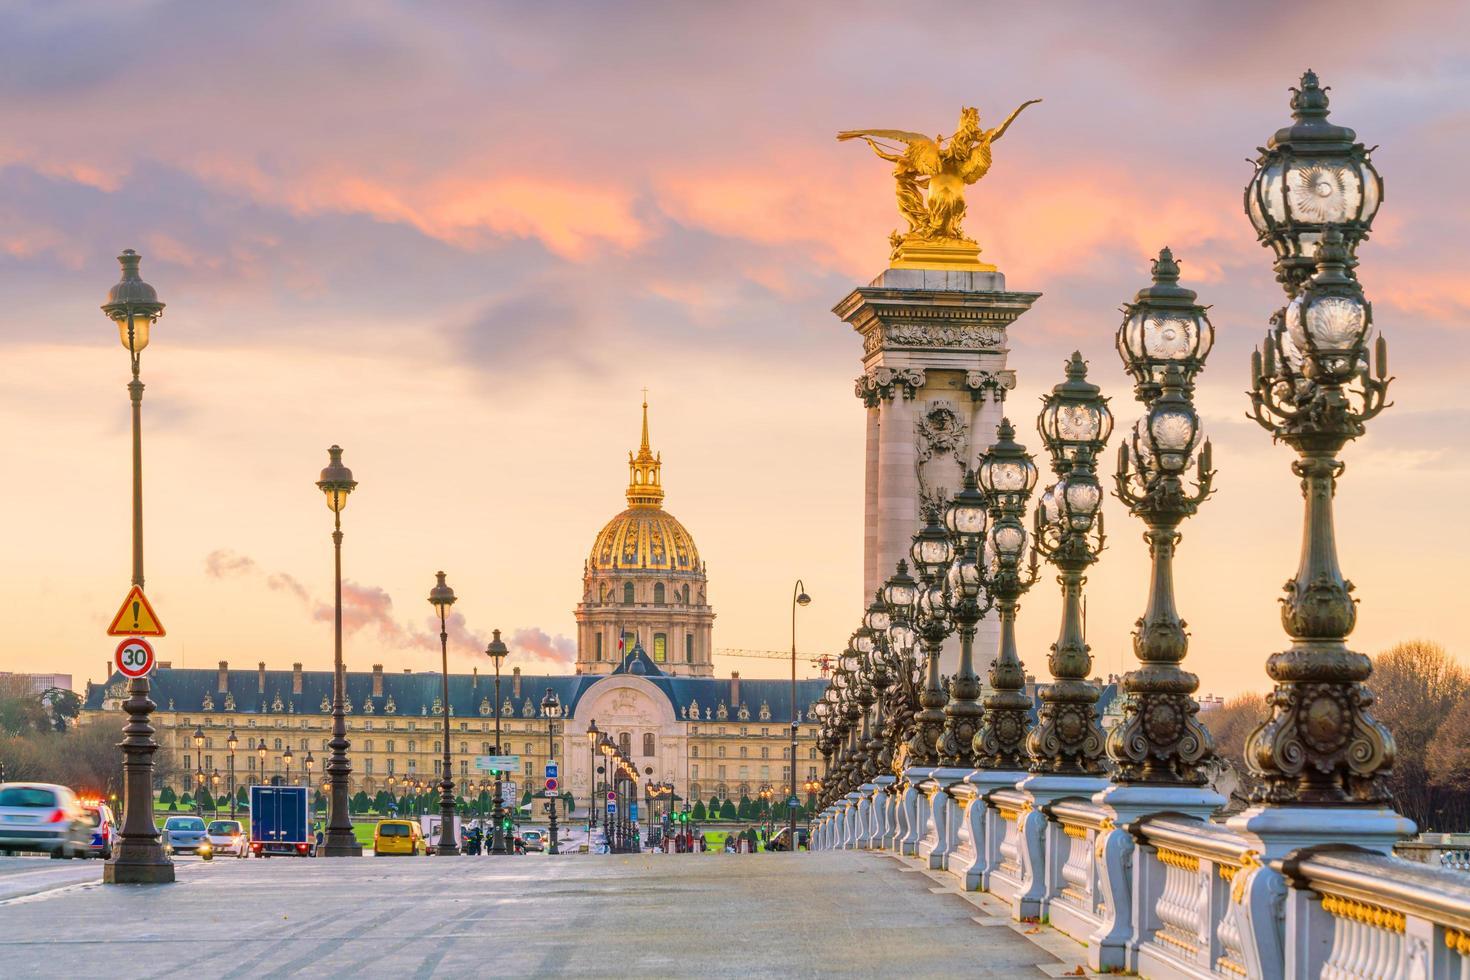 de alexander iii-brug over de rivier de seine in parijs foto